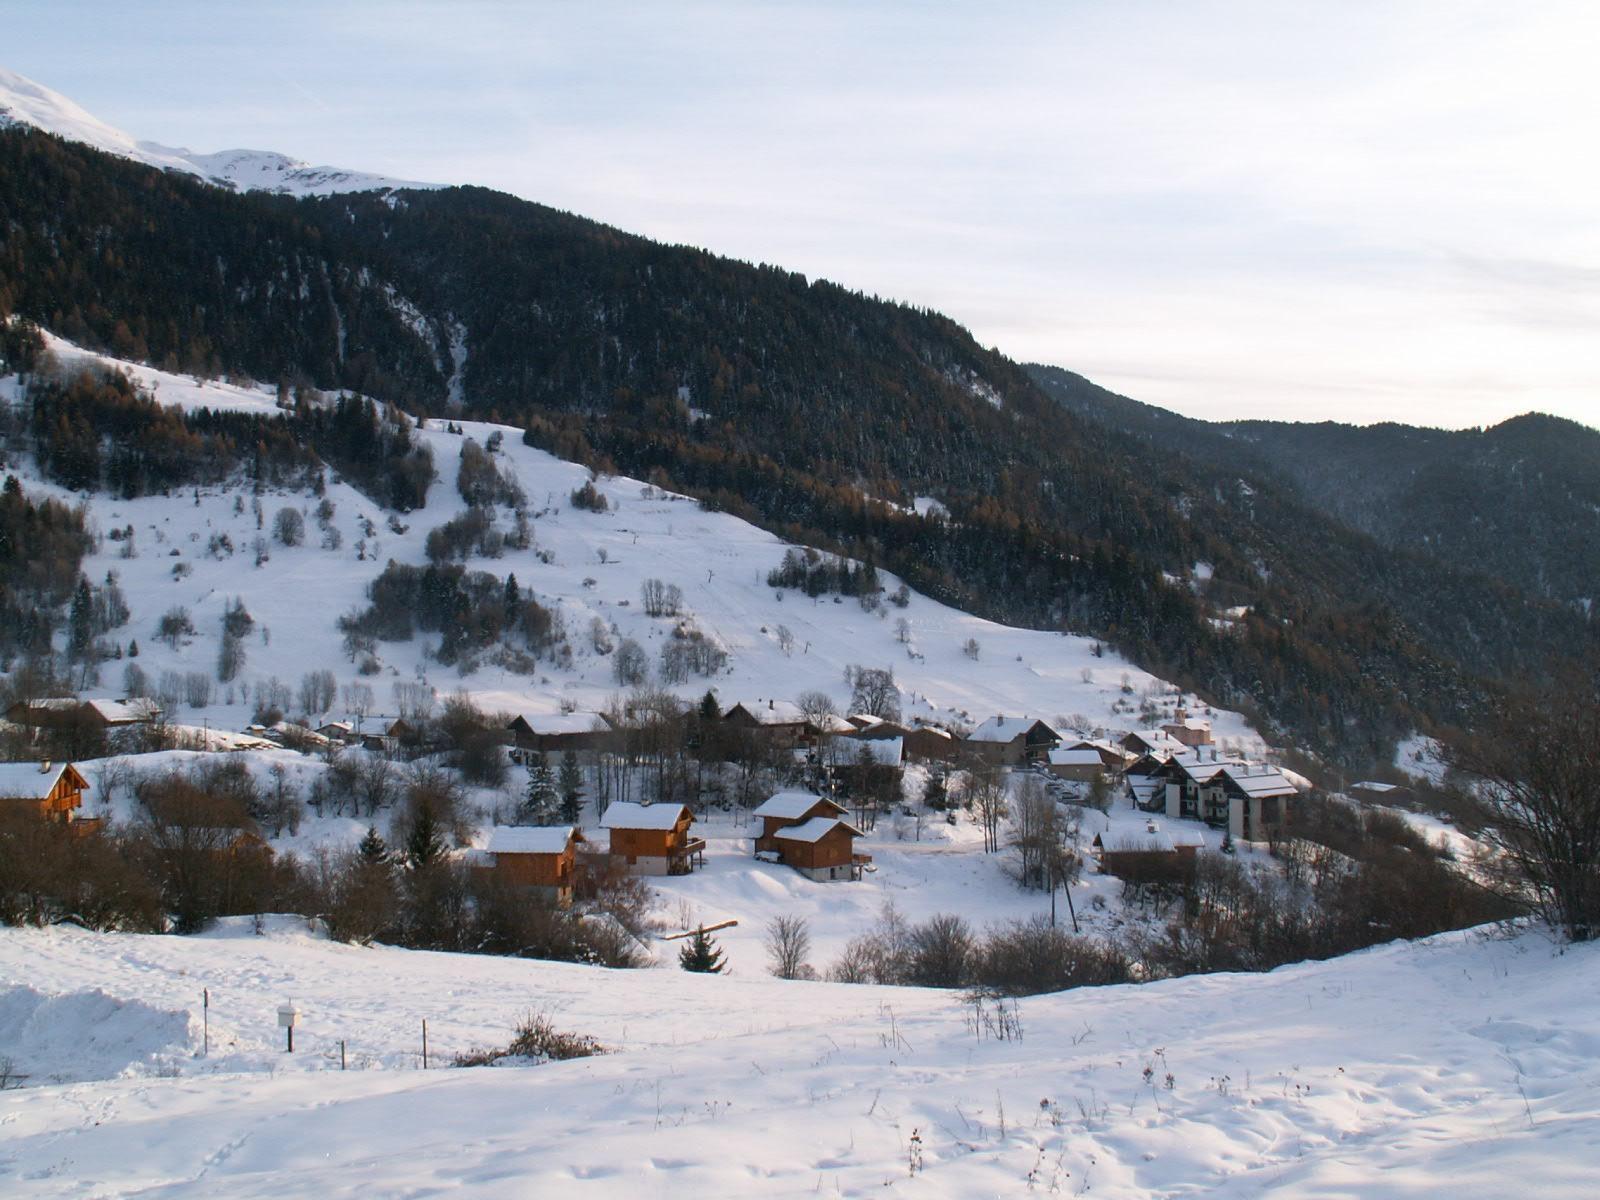 Domaine skiable NOTRE DAME DU PRE_Notre-Dame-du-Pré